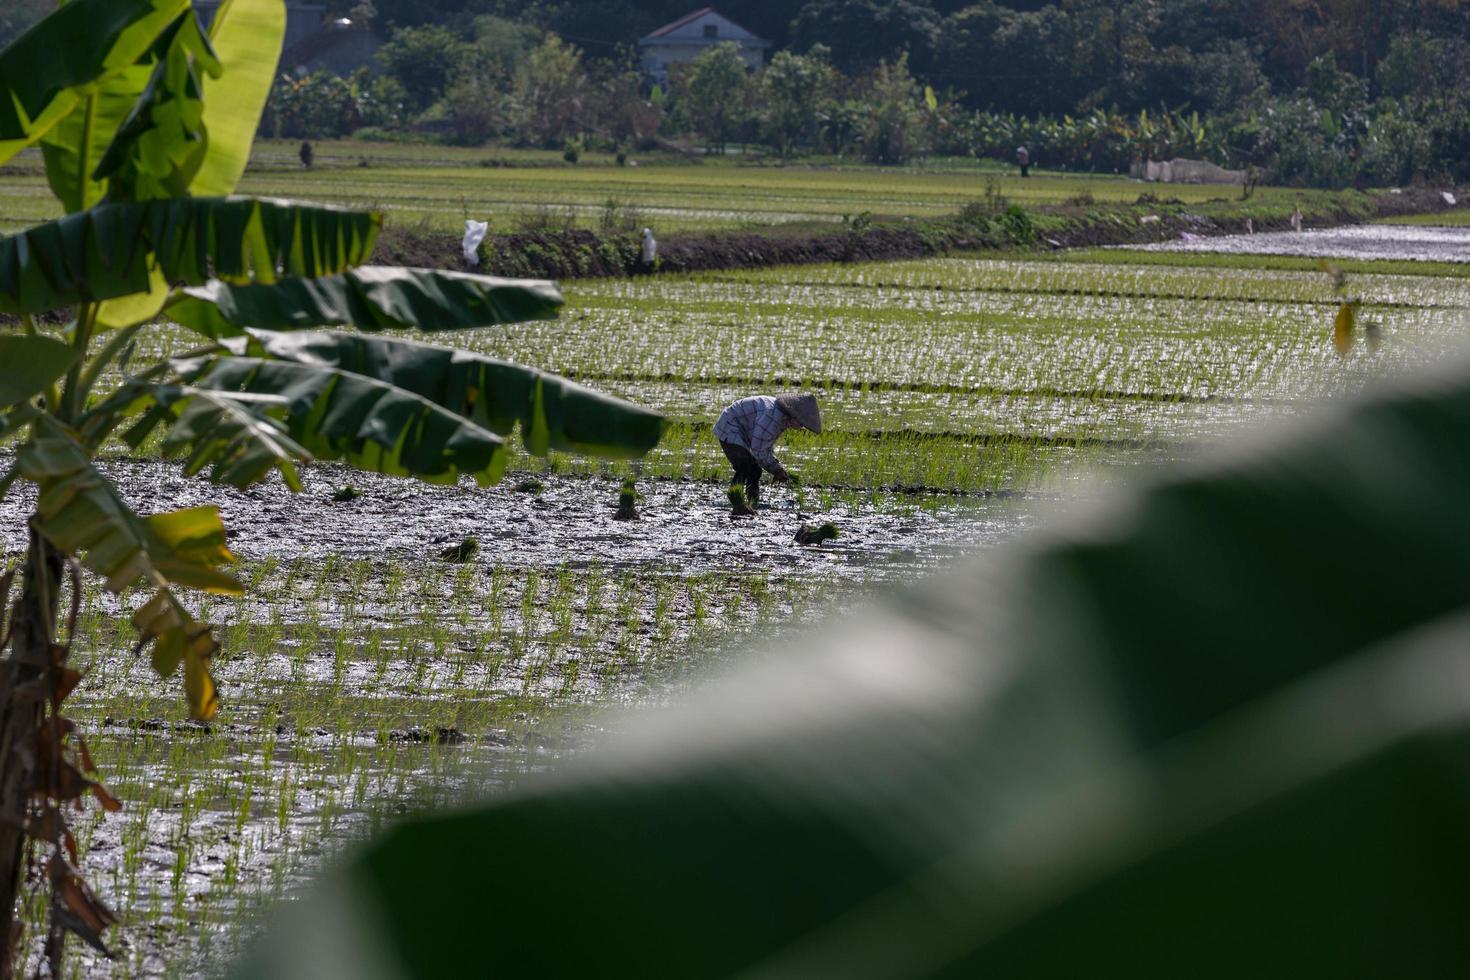 Thanh Pho Ninh Binh, Vietnam, 2017- une femme plantant du riz dans un champ photo